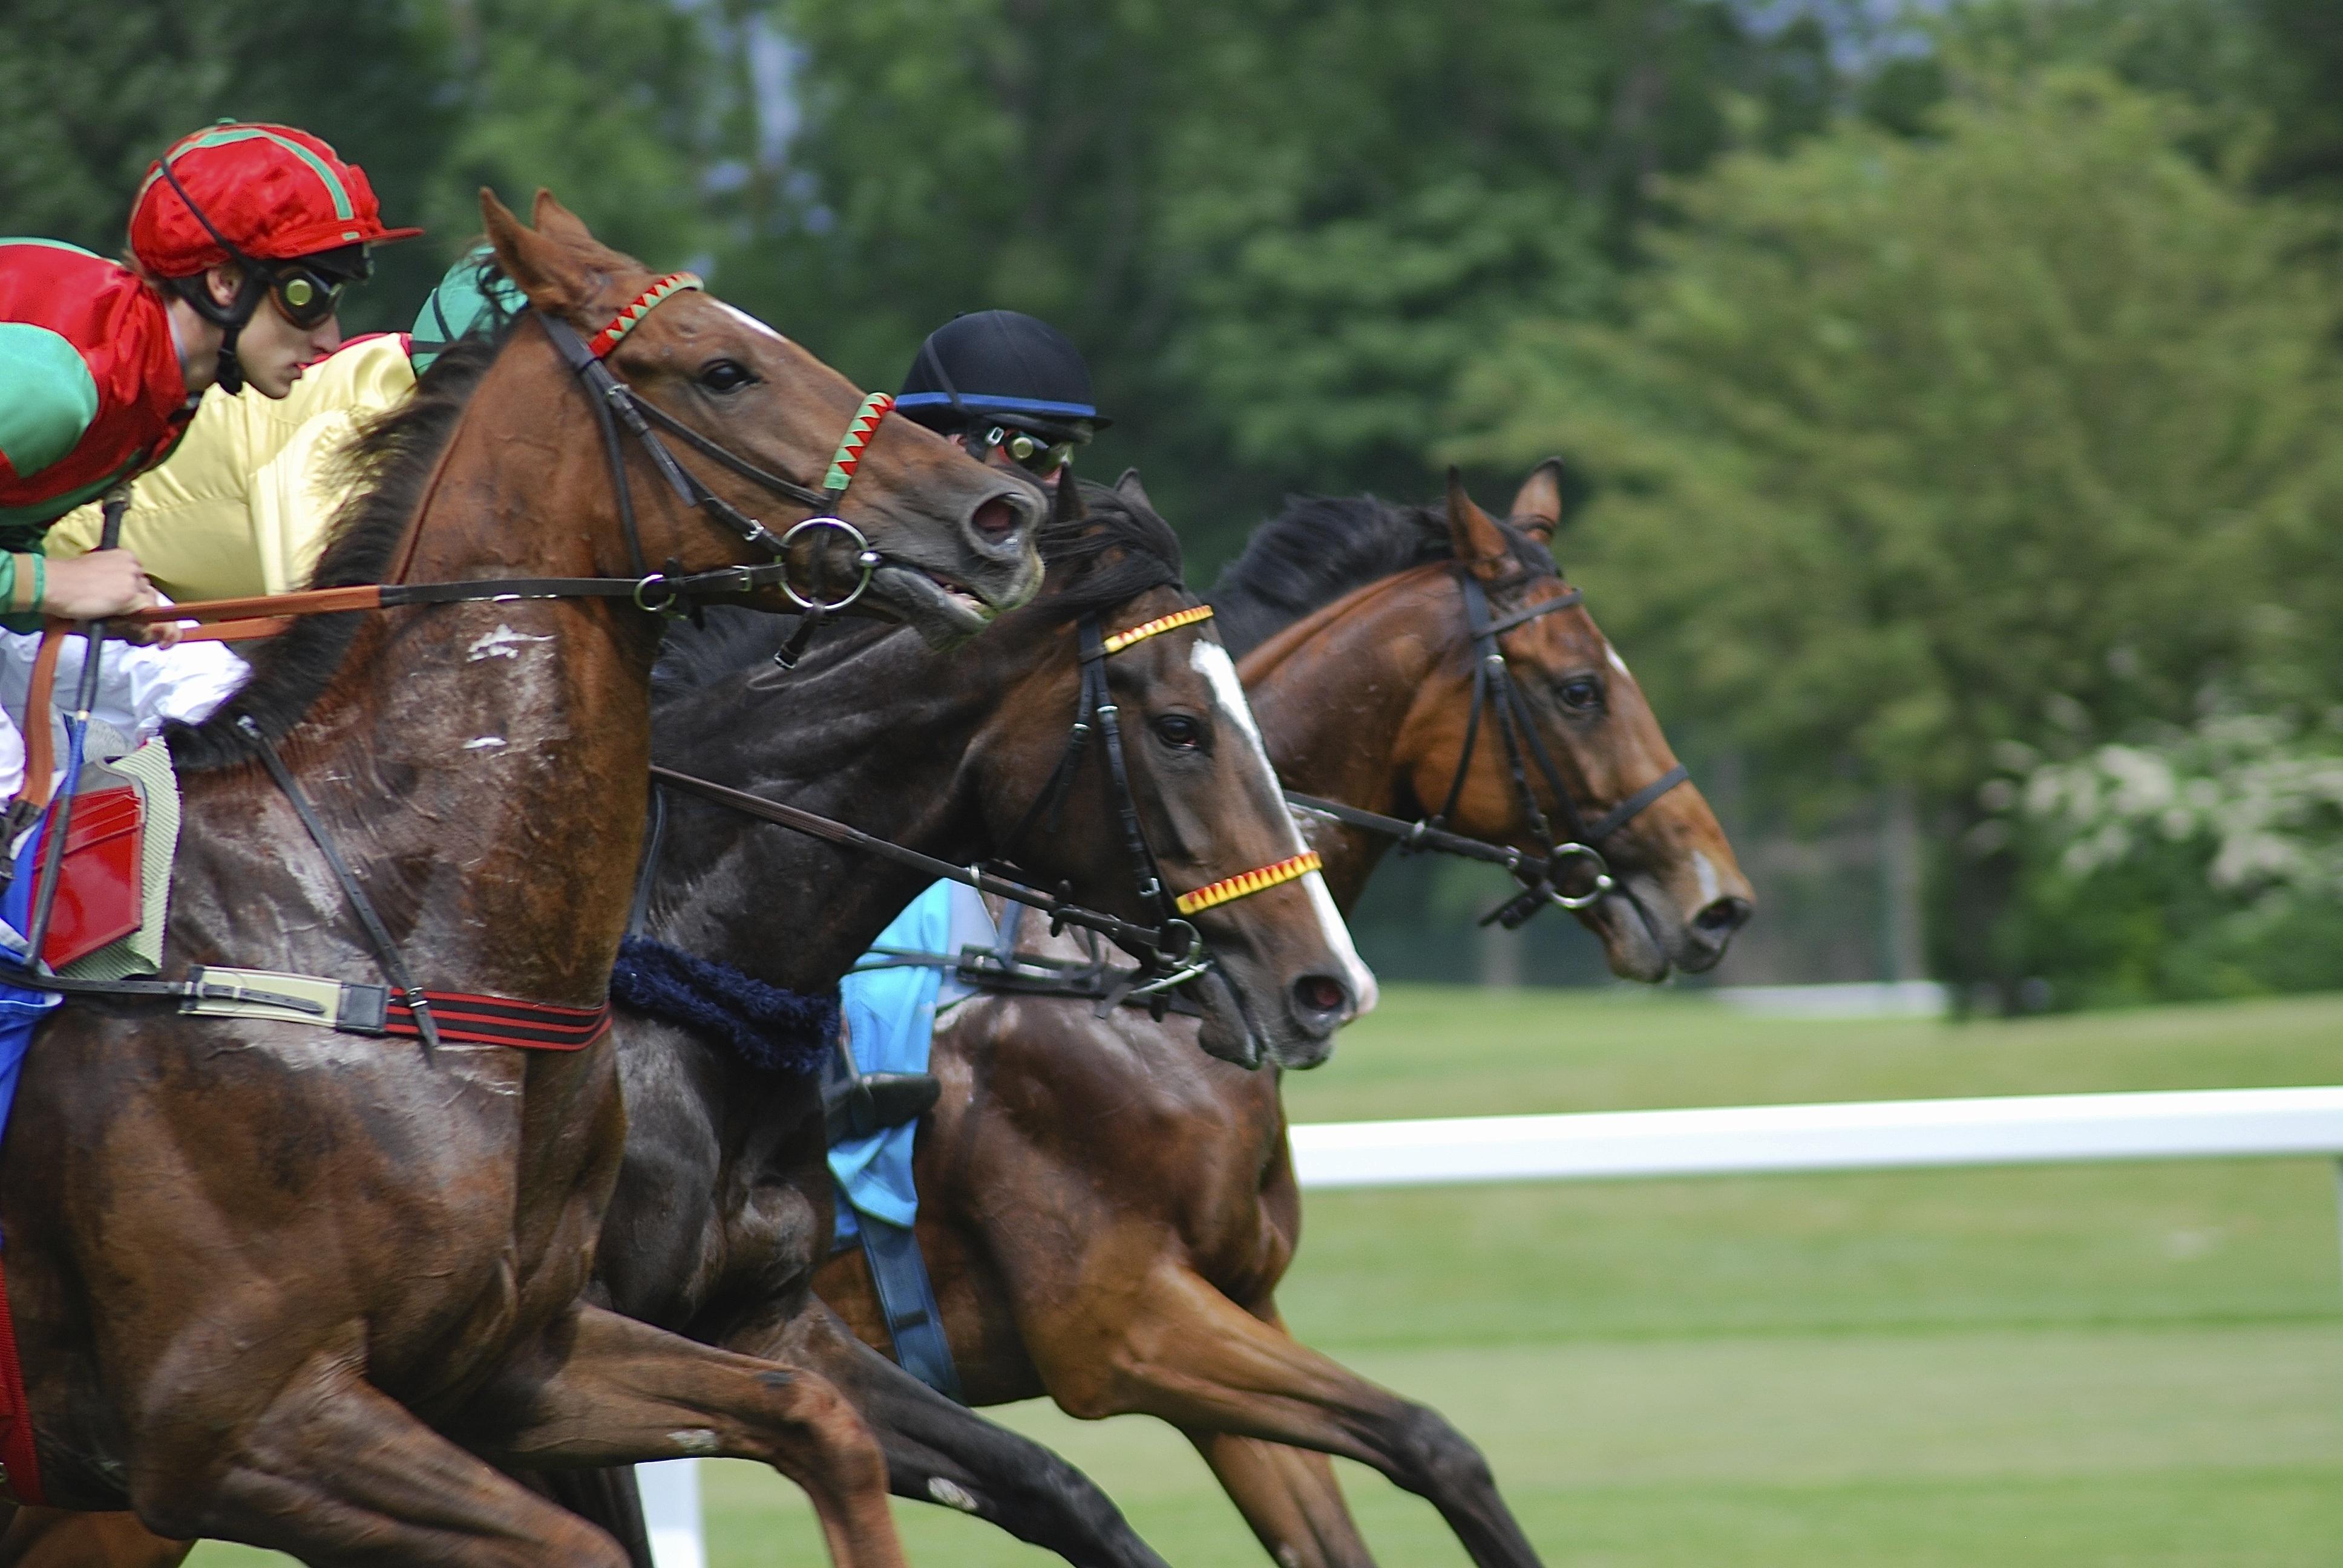 Как правильно делать ставки на скачки лошадей?